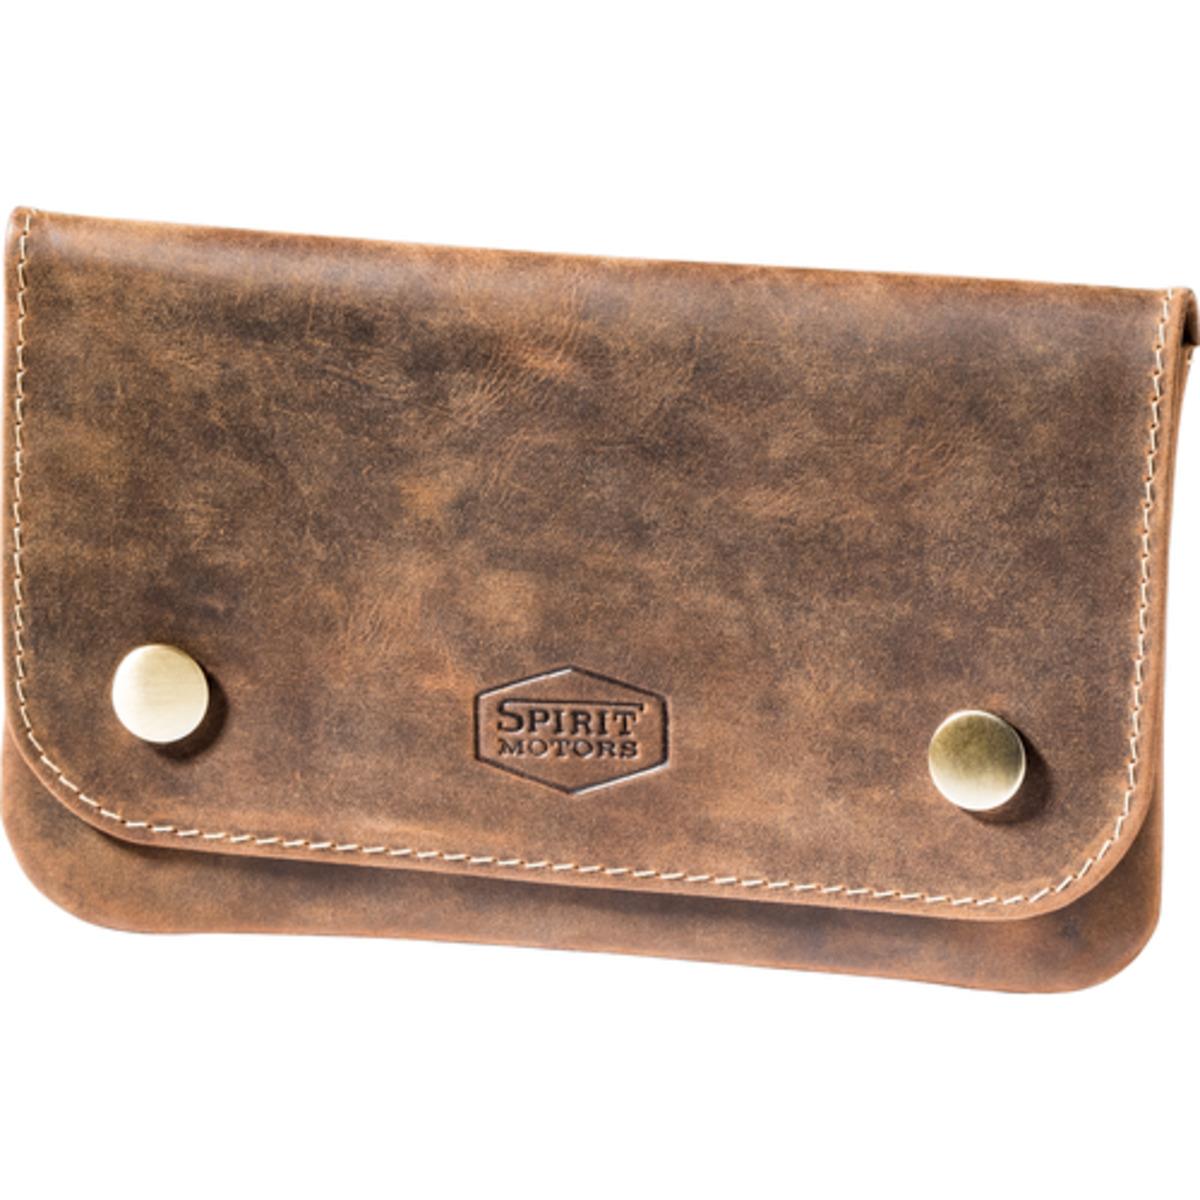 Bild 1 von Spirit Motors Vintage Leder Gürteltasche für Tabak braun